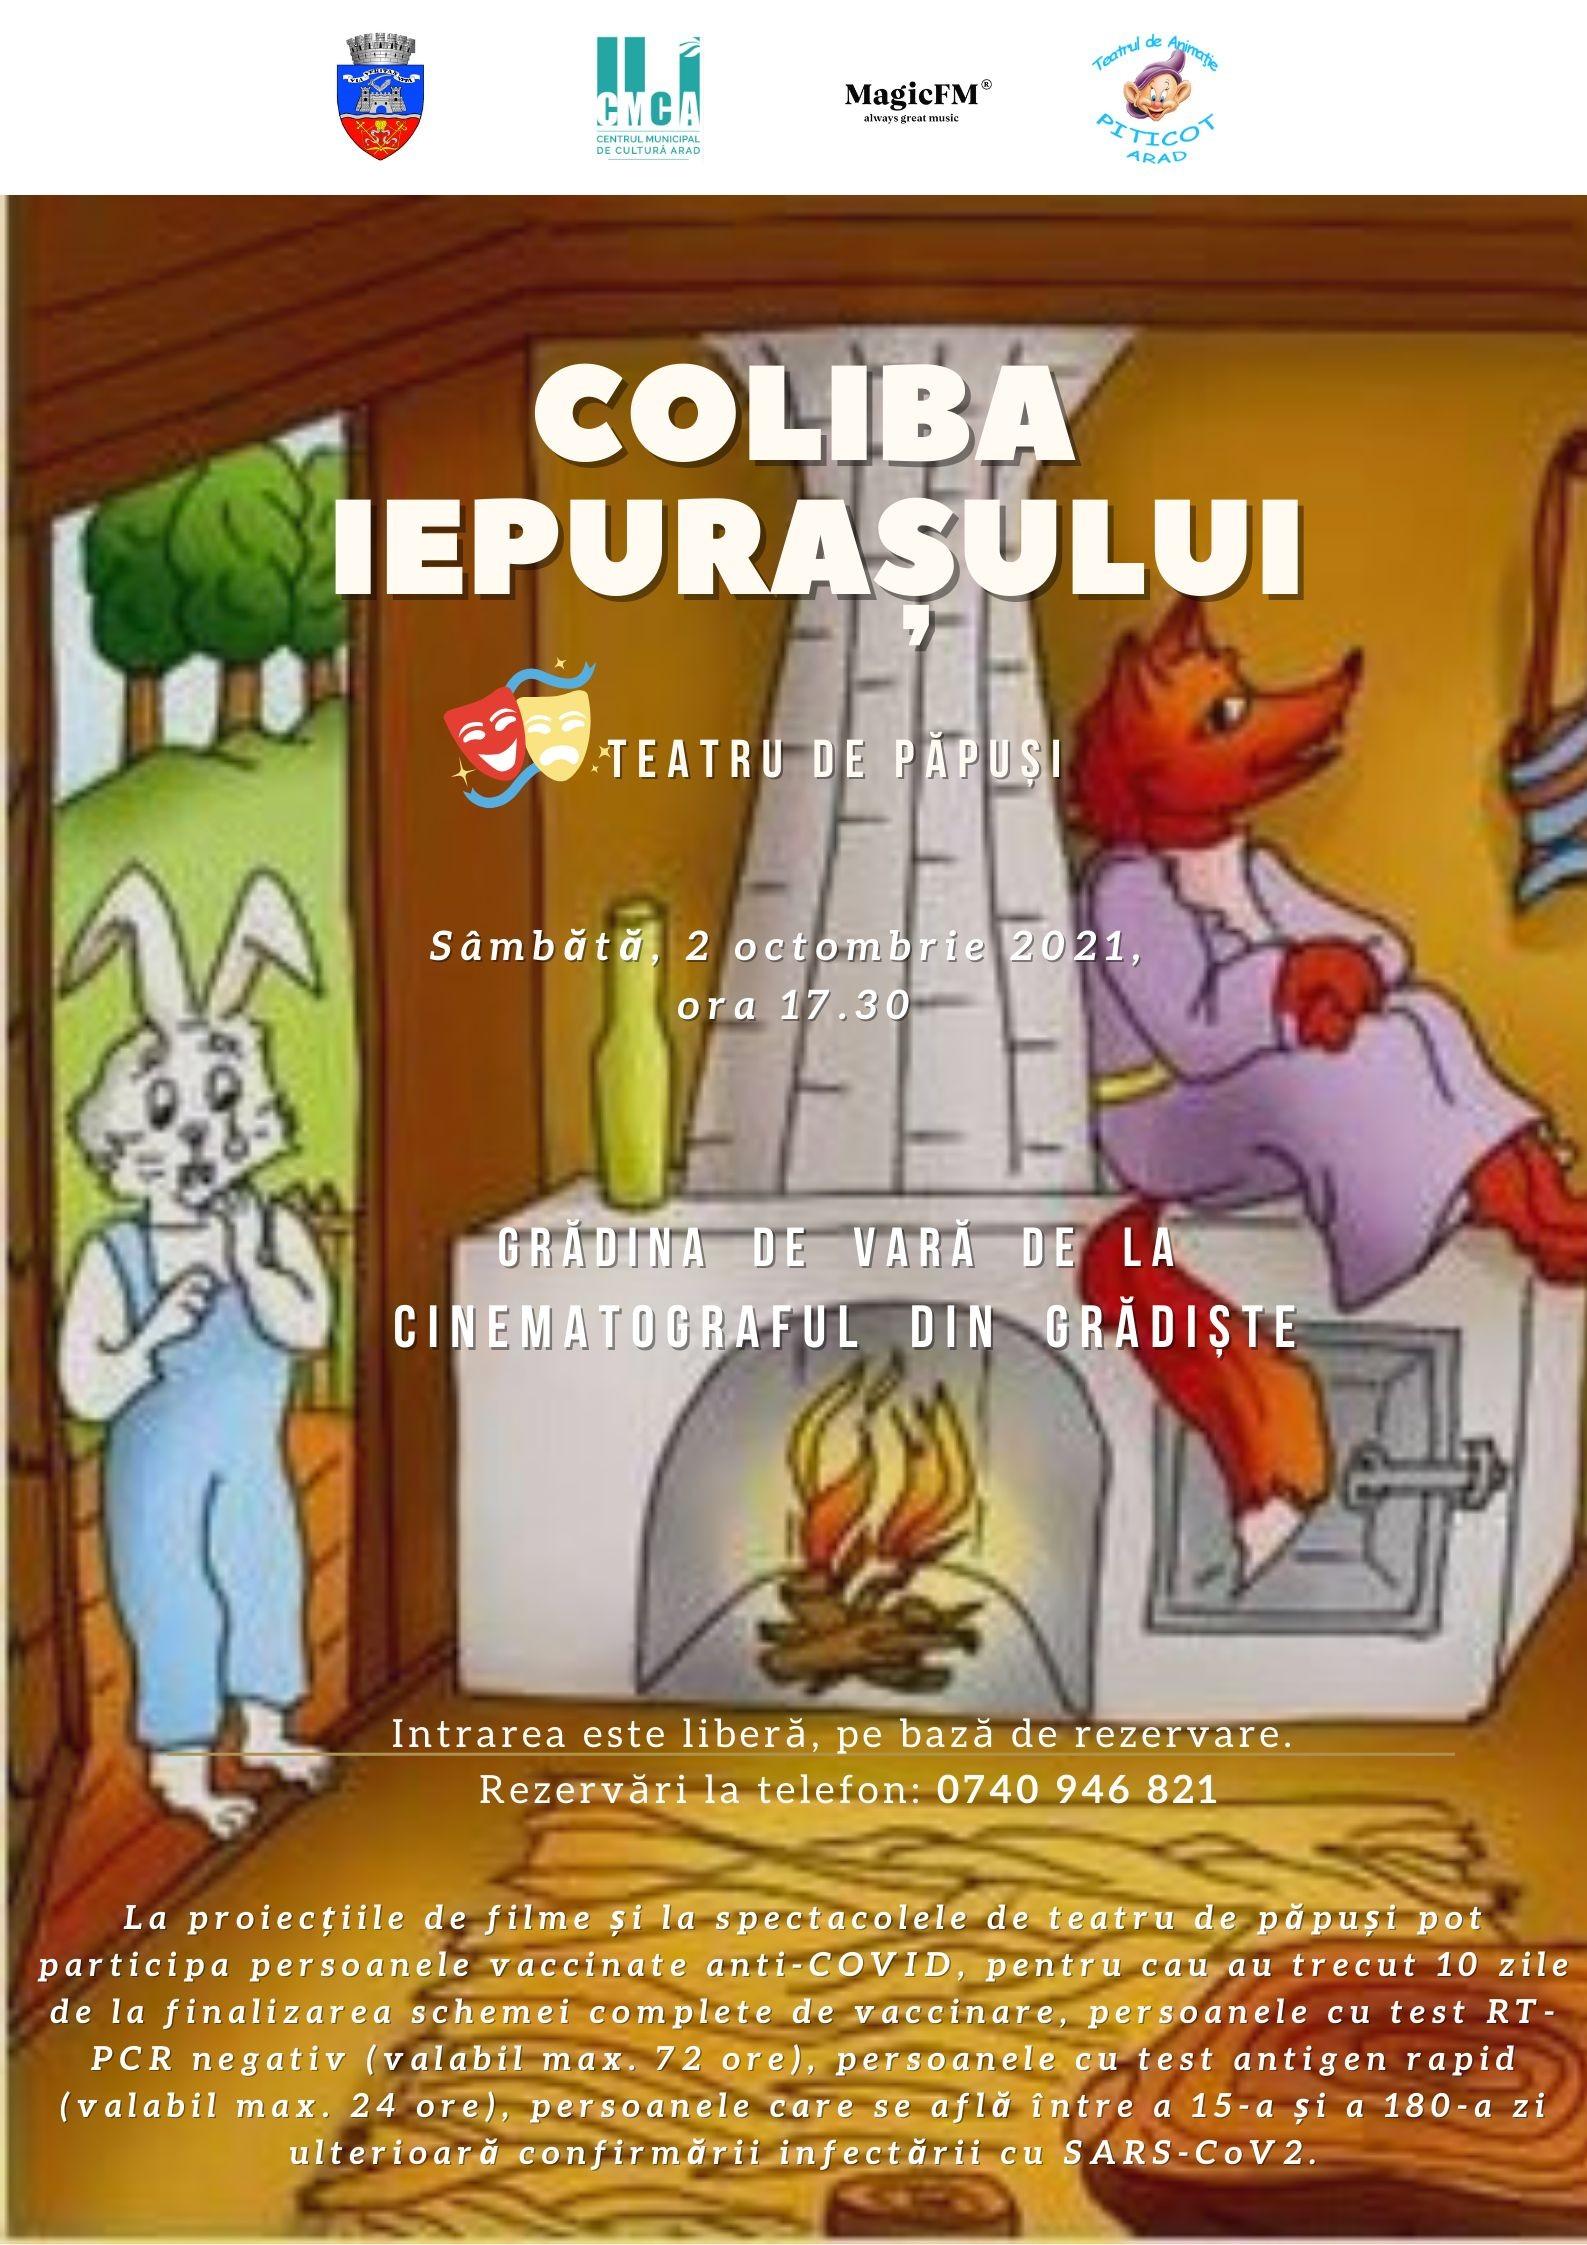 """Piesa de teatru de păpuși """"Coliba iepurașului"""", în grădina de vară de la Cinematograful din Grădiște"""